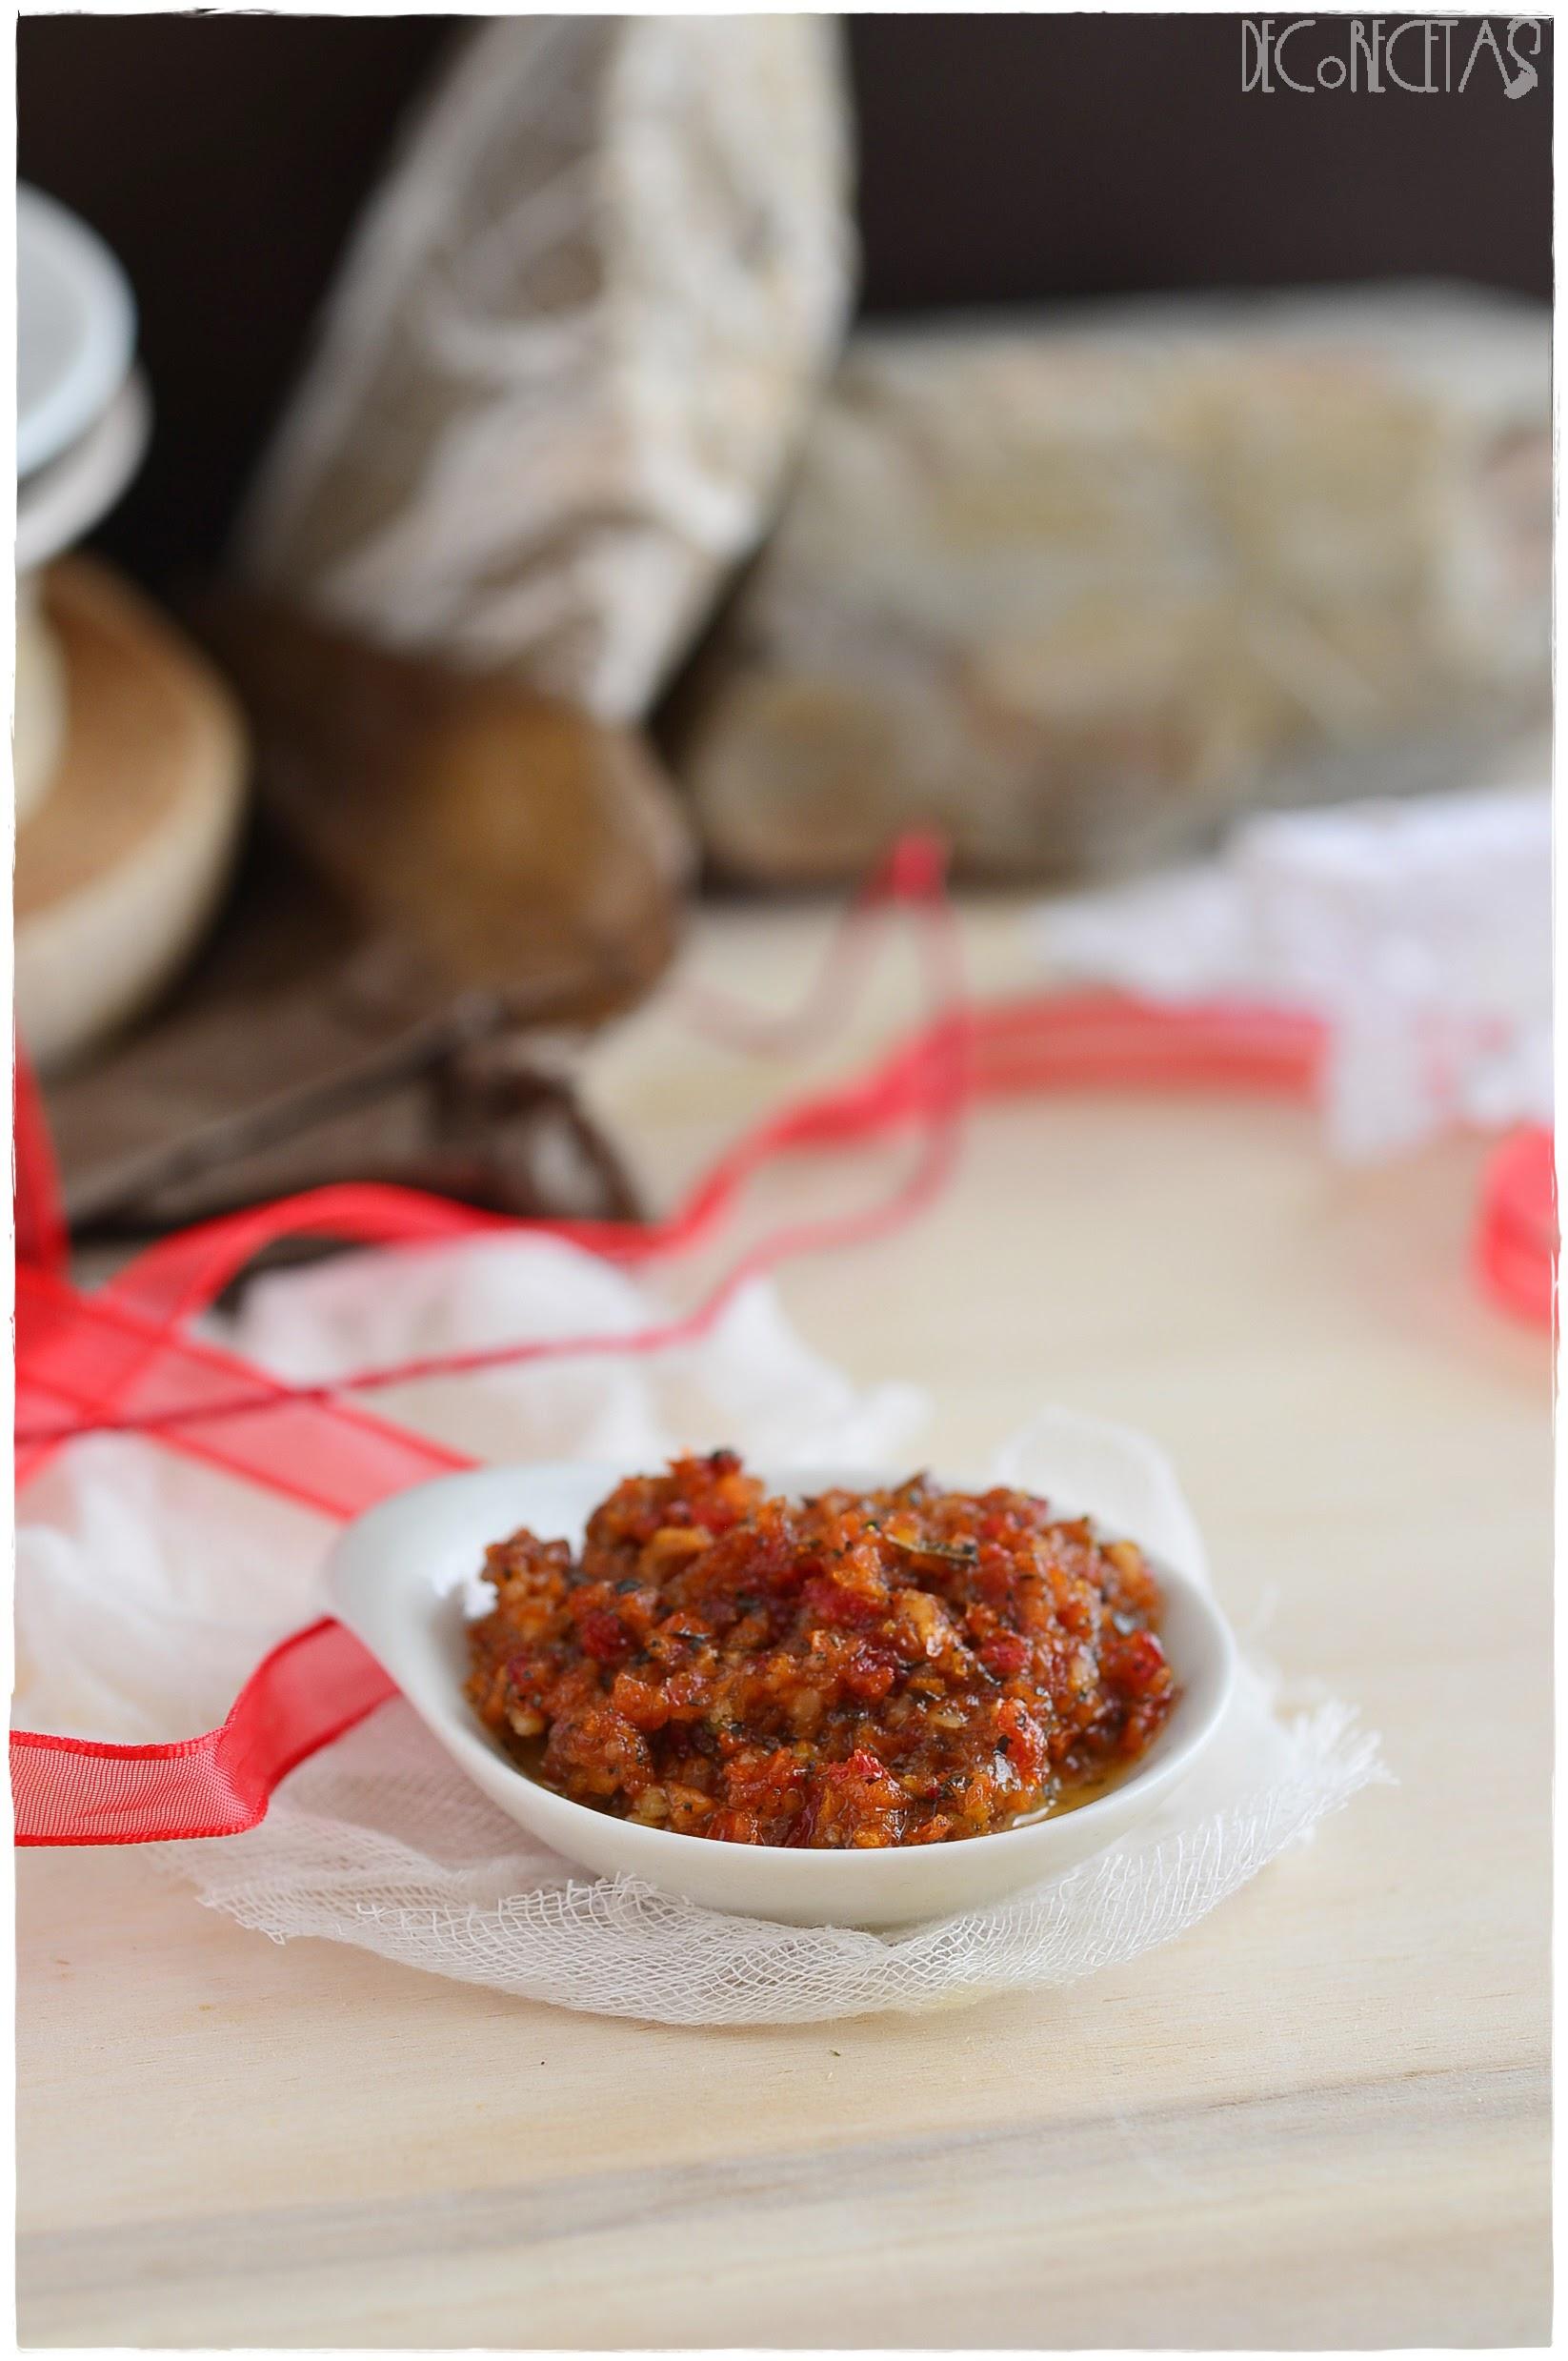 salsa al pesto receta pesto rojo salsa al pesto salsa pesto casera ingredientes pesto pesto thermomix pesto genovese pesto vegano